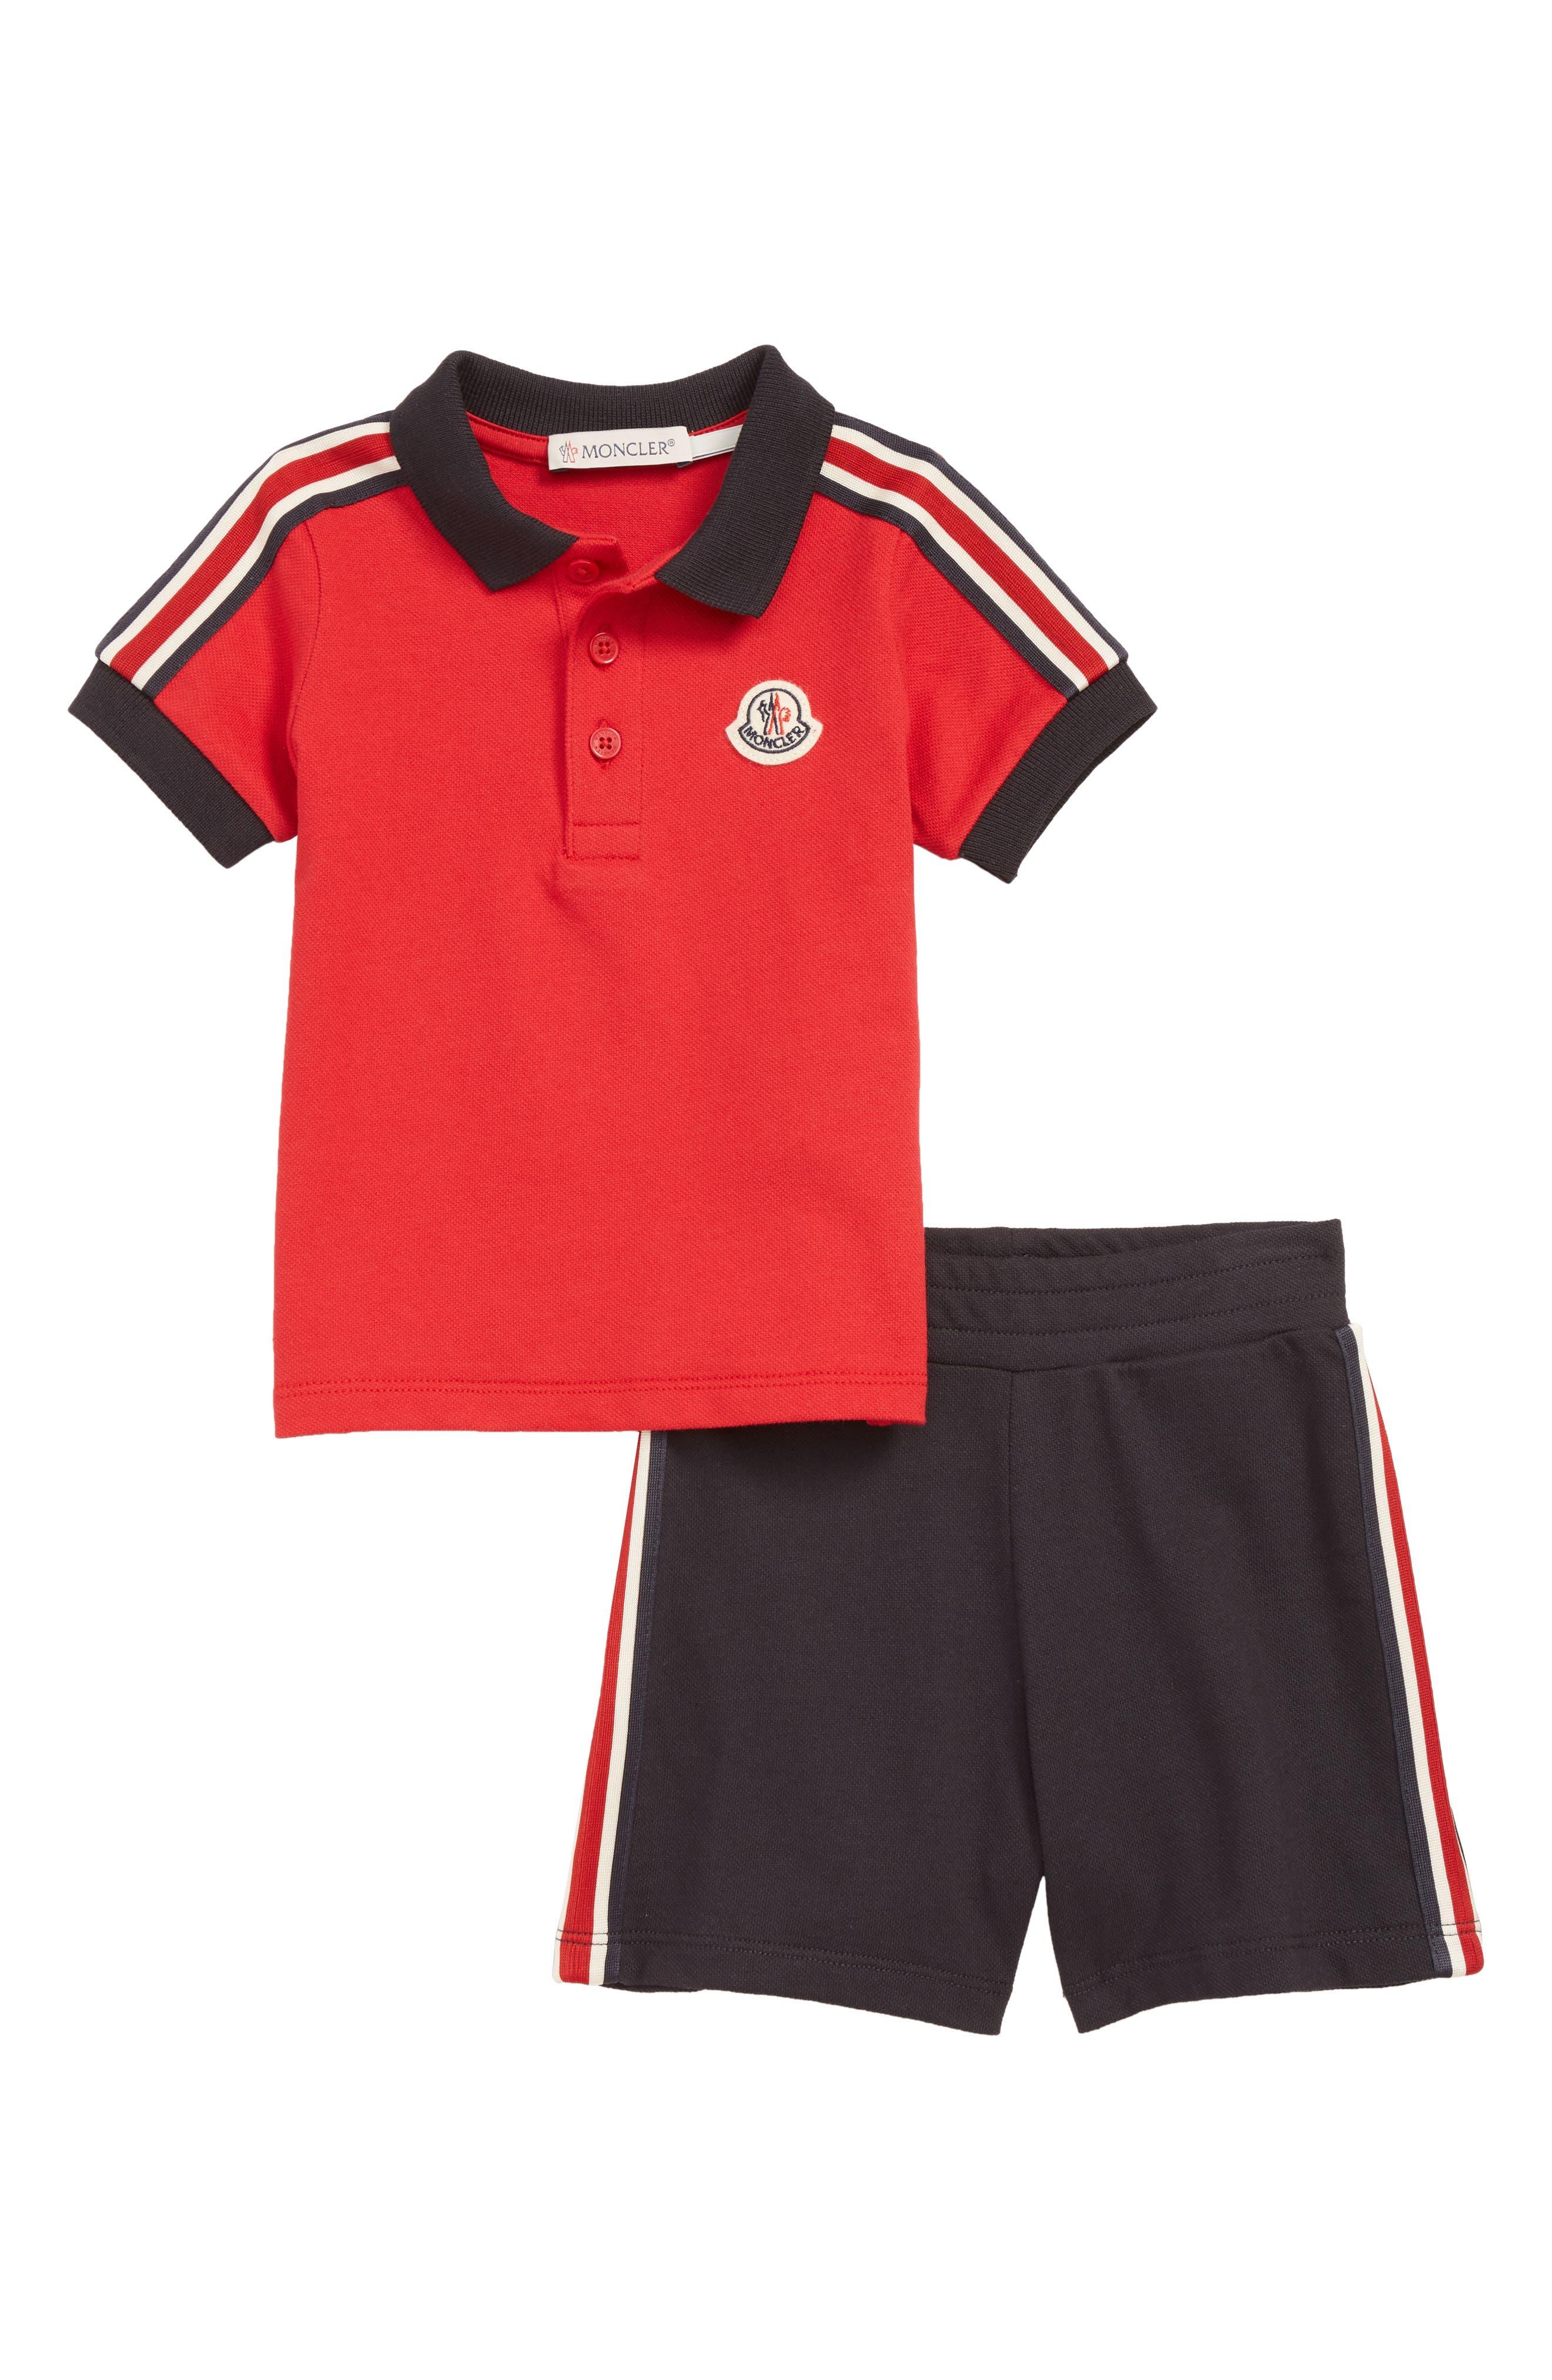 e96c48d4e Moncler Baby Items  Clothing